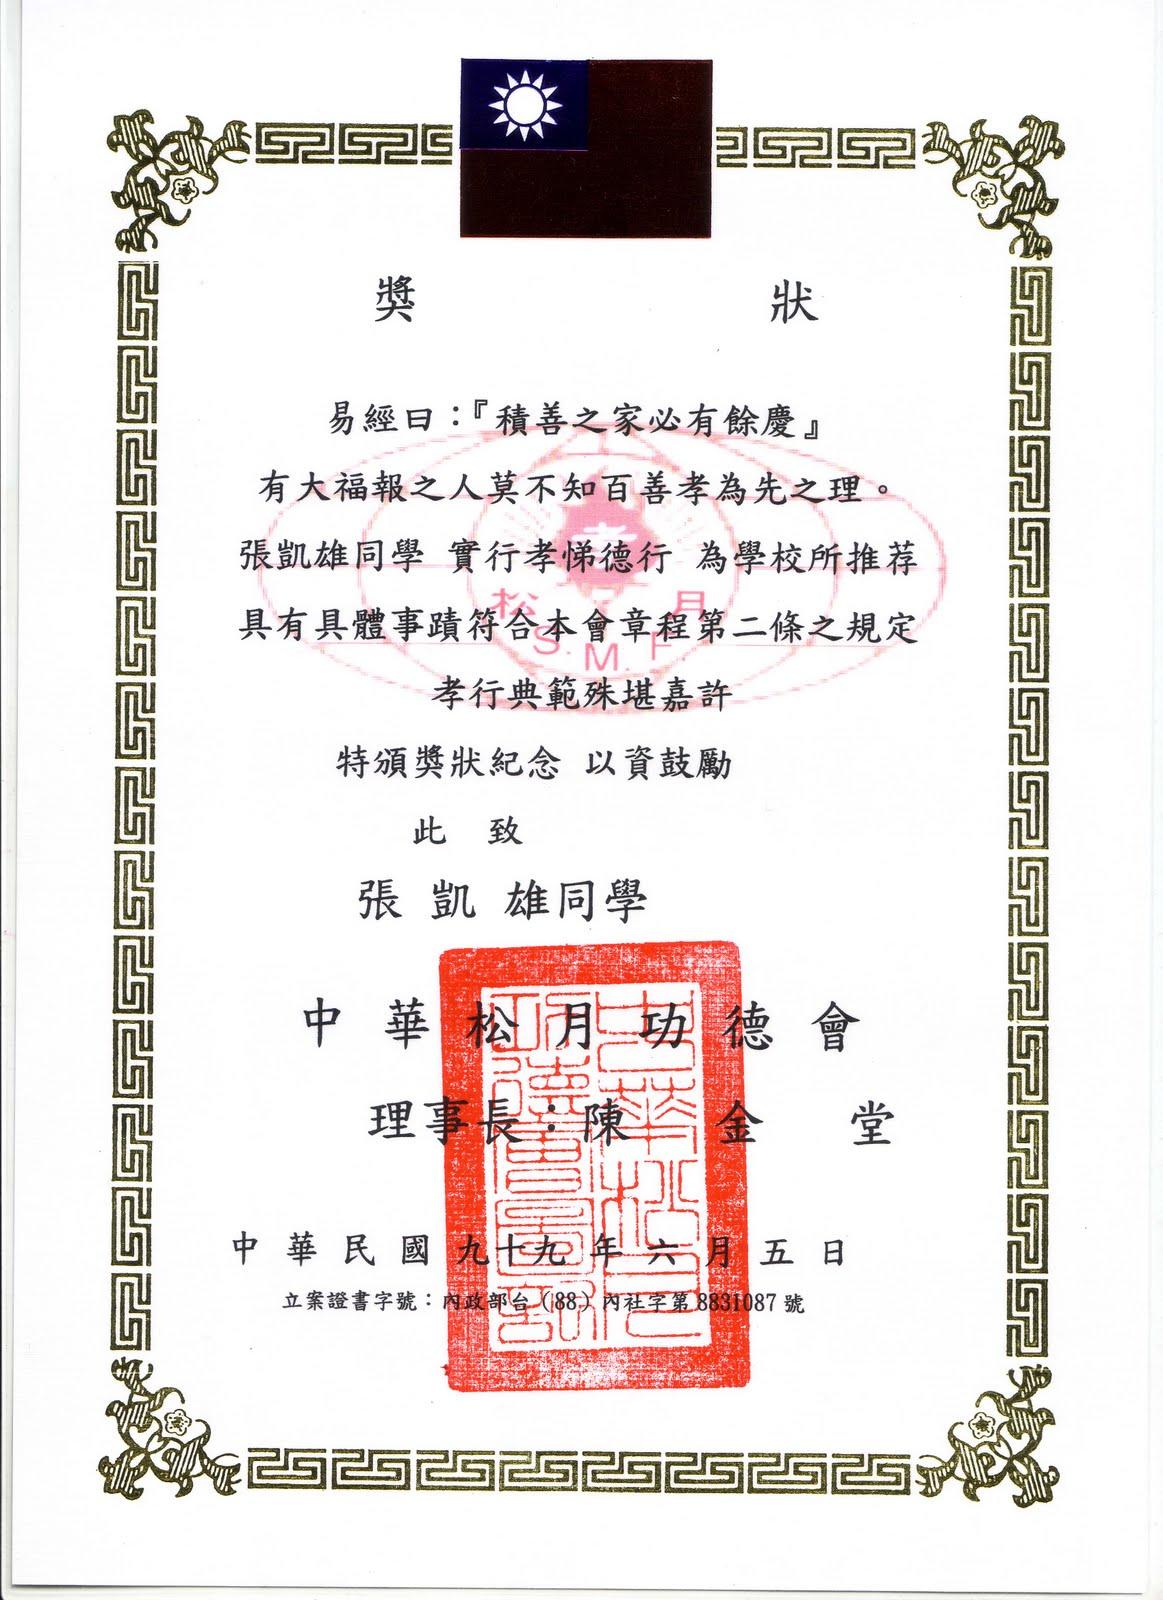 中華松月功德會: 99年孝悌楷模表揚大會---高中組 孝行獎狀